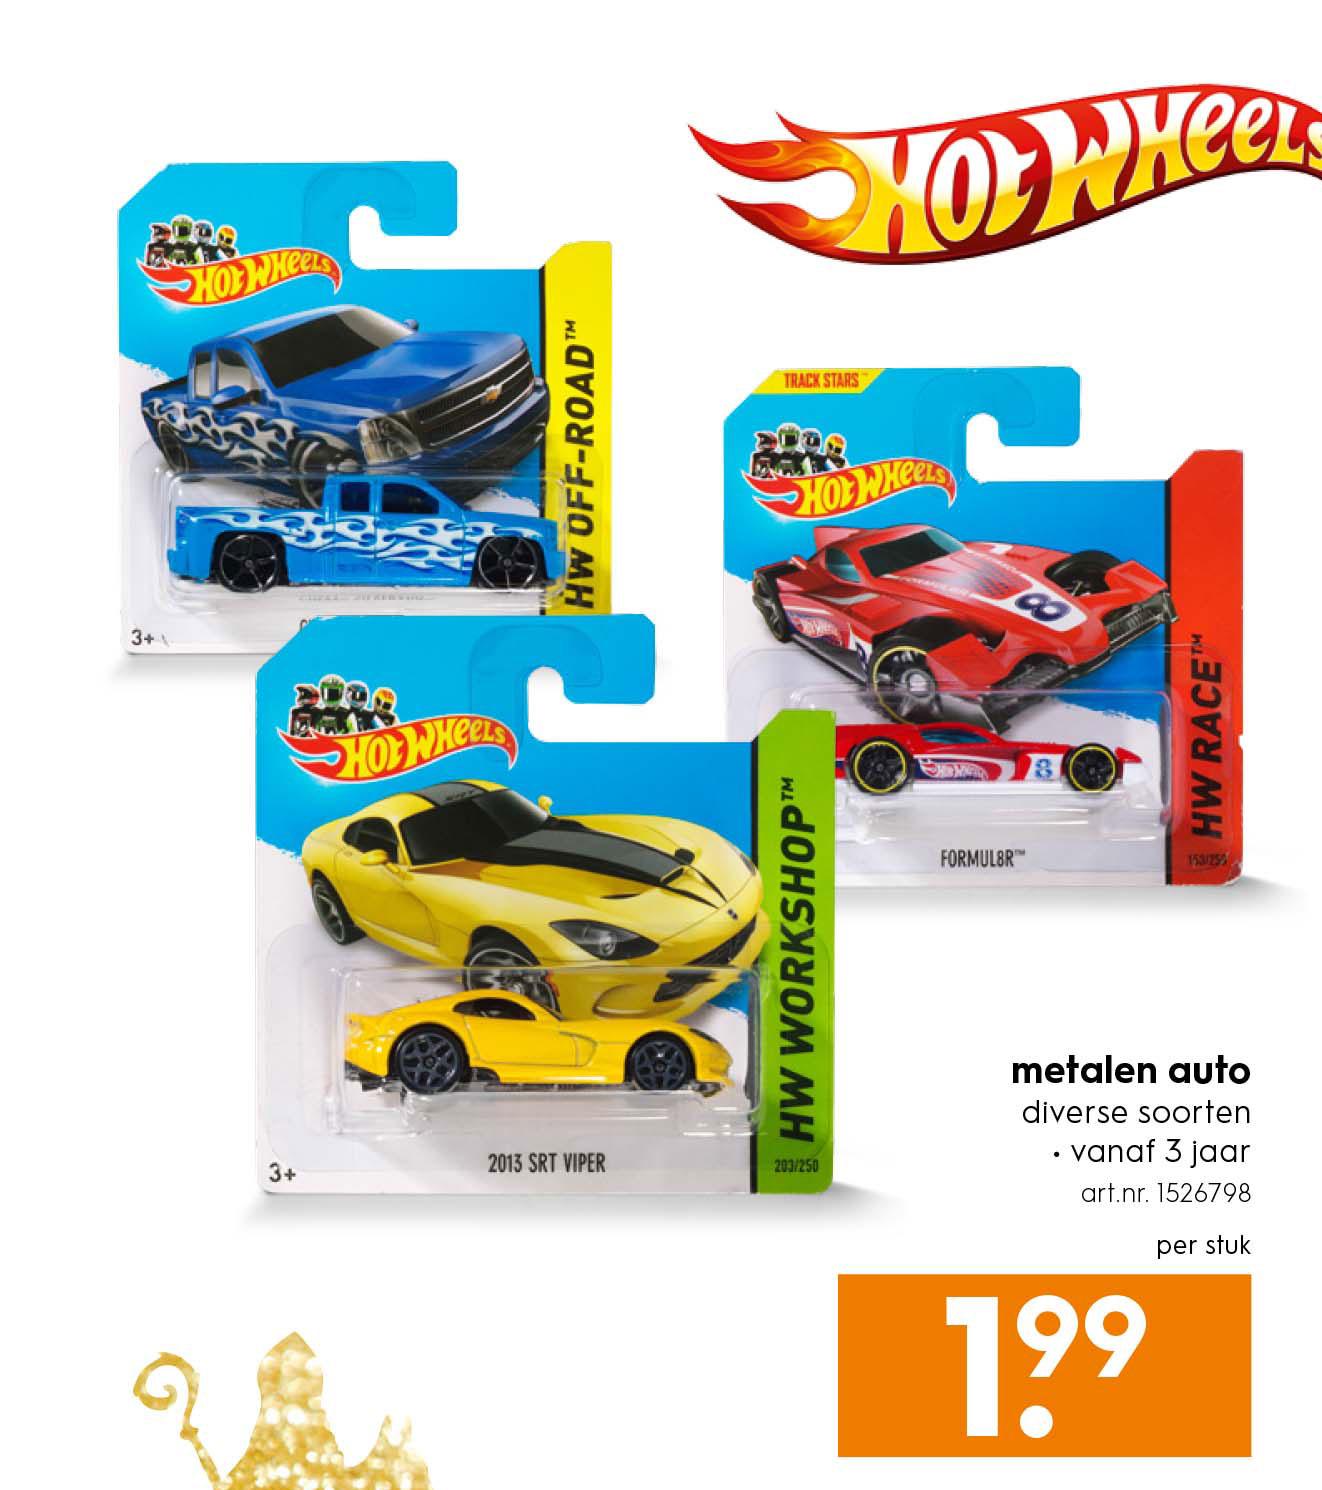 Hot Wheels Metalen Auto Aanbieding bij Blokker